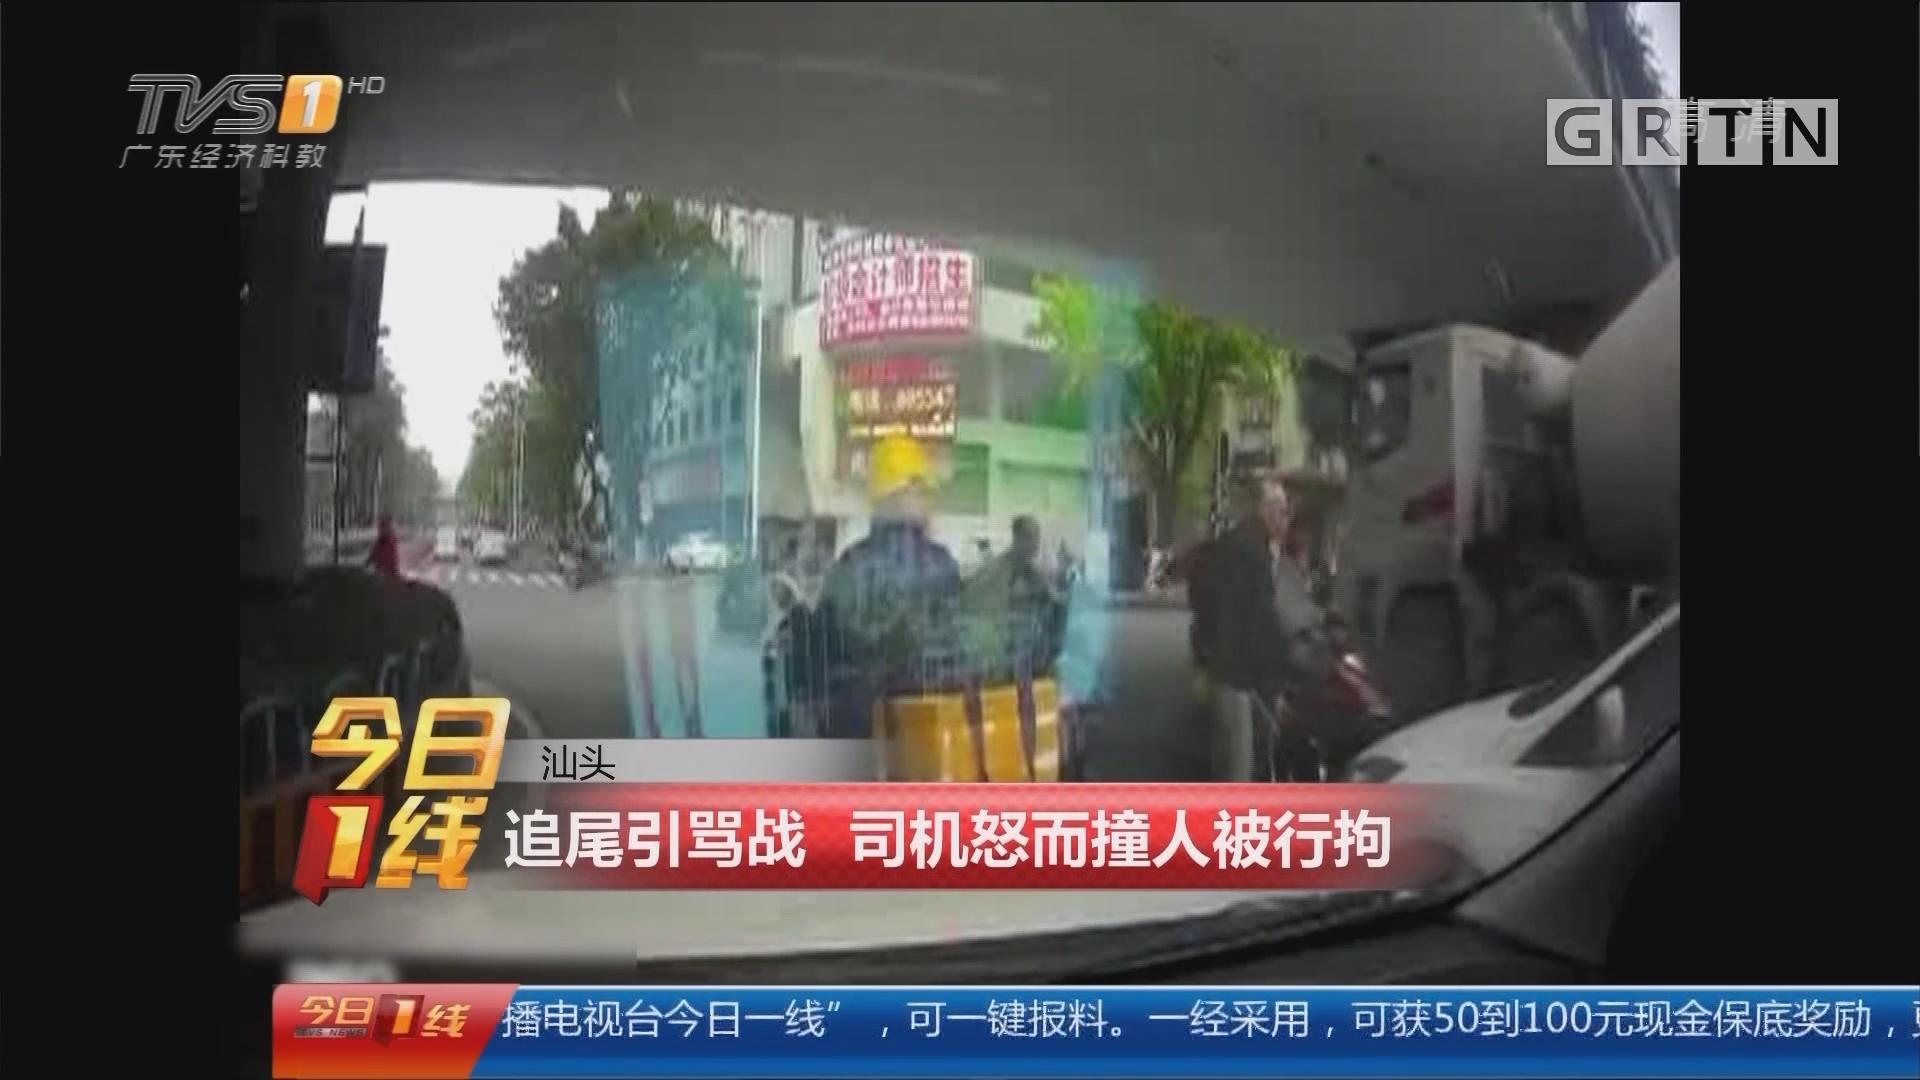 汕头:追尾引骂战 司机怒而撞人被行拘